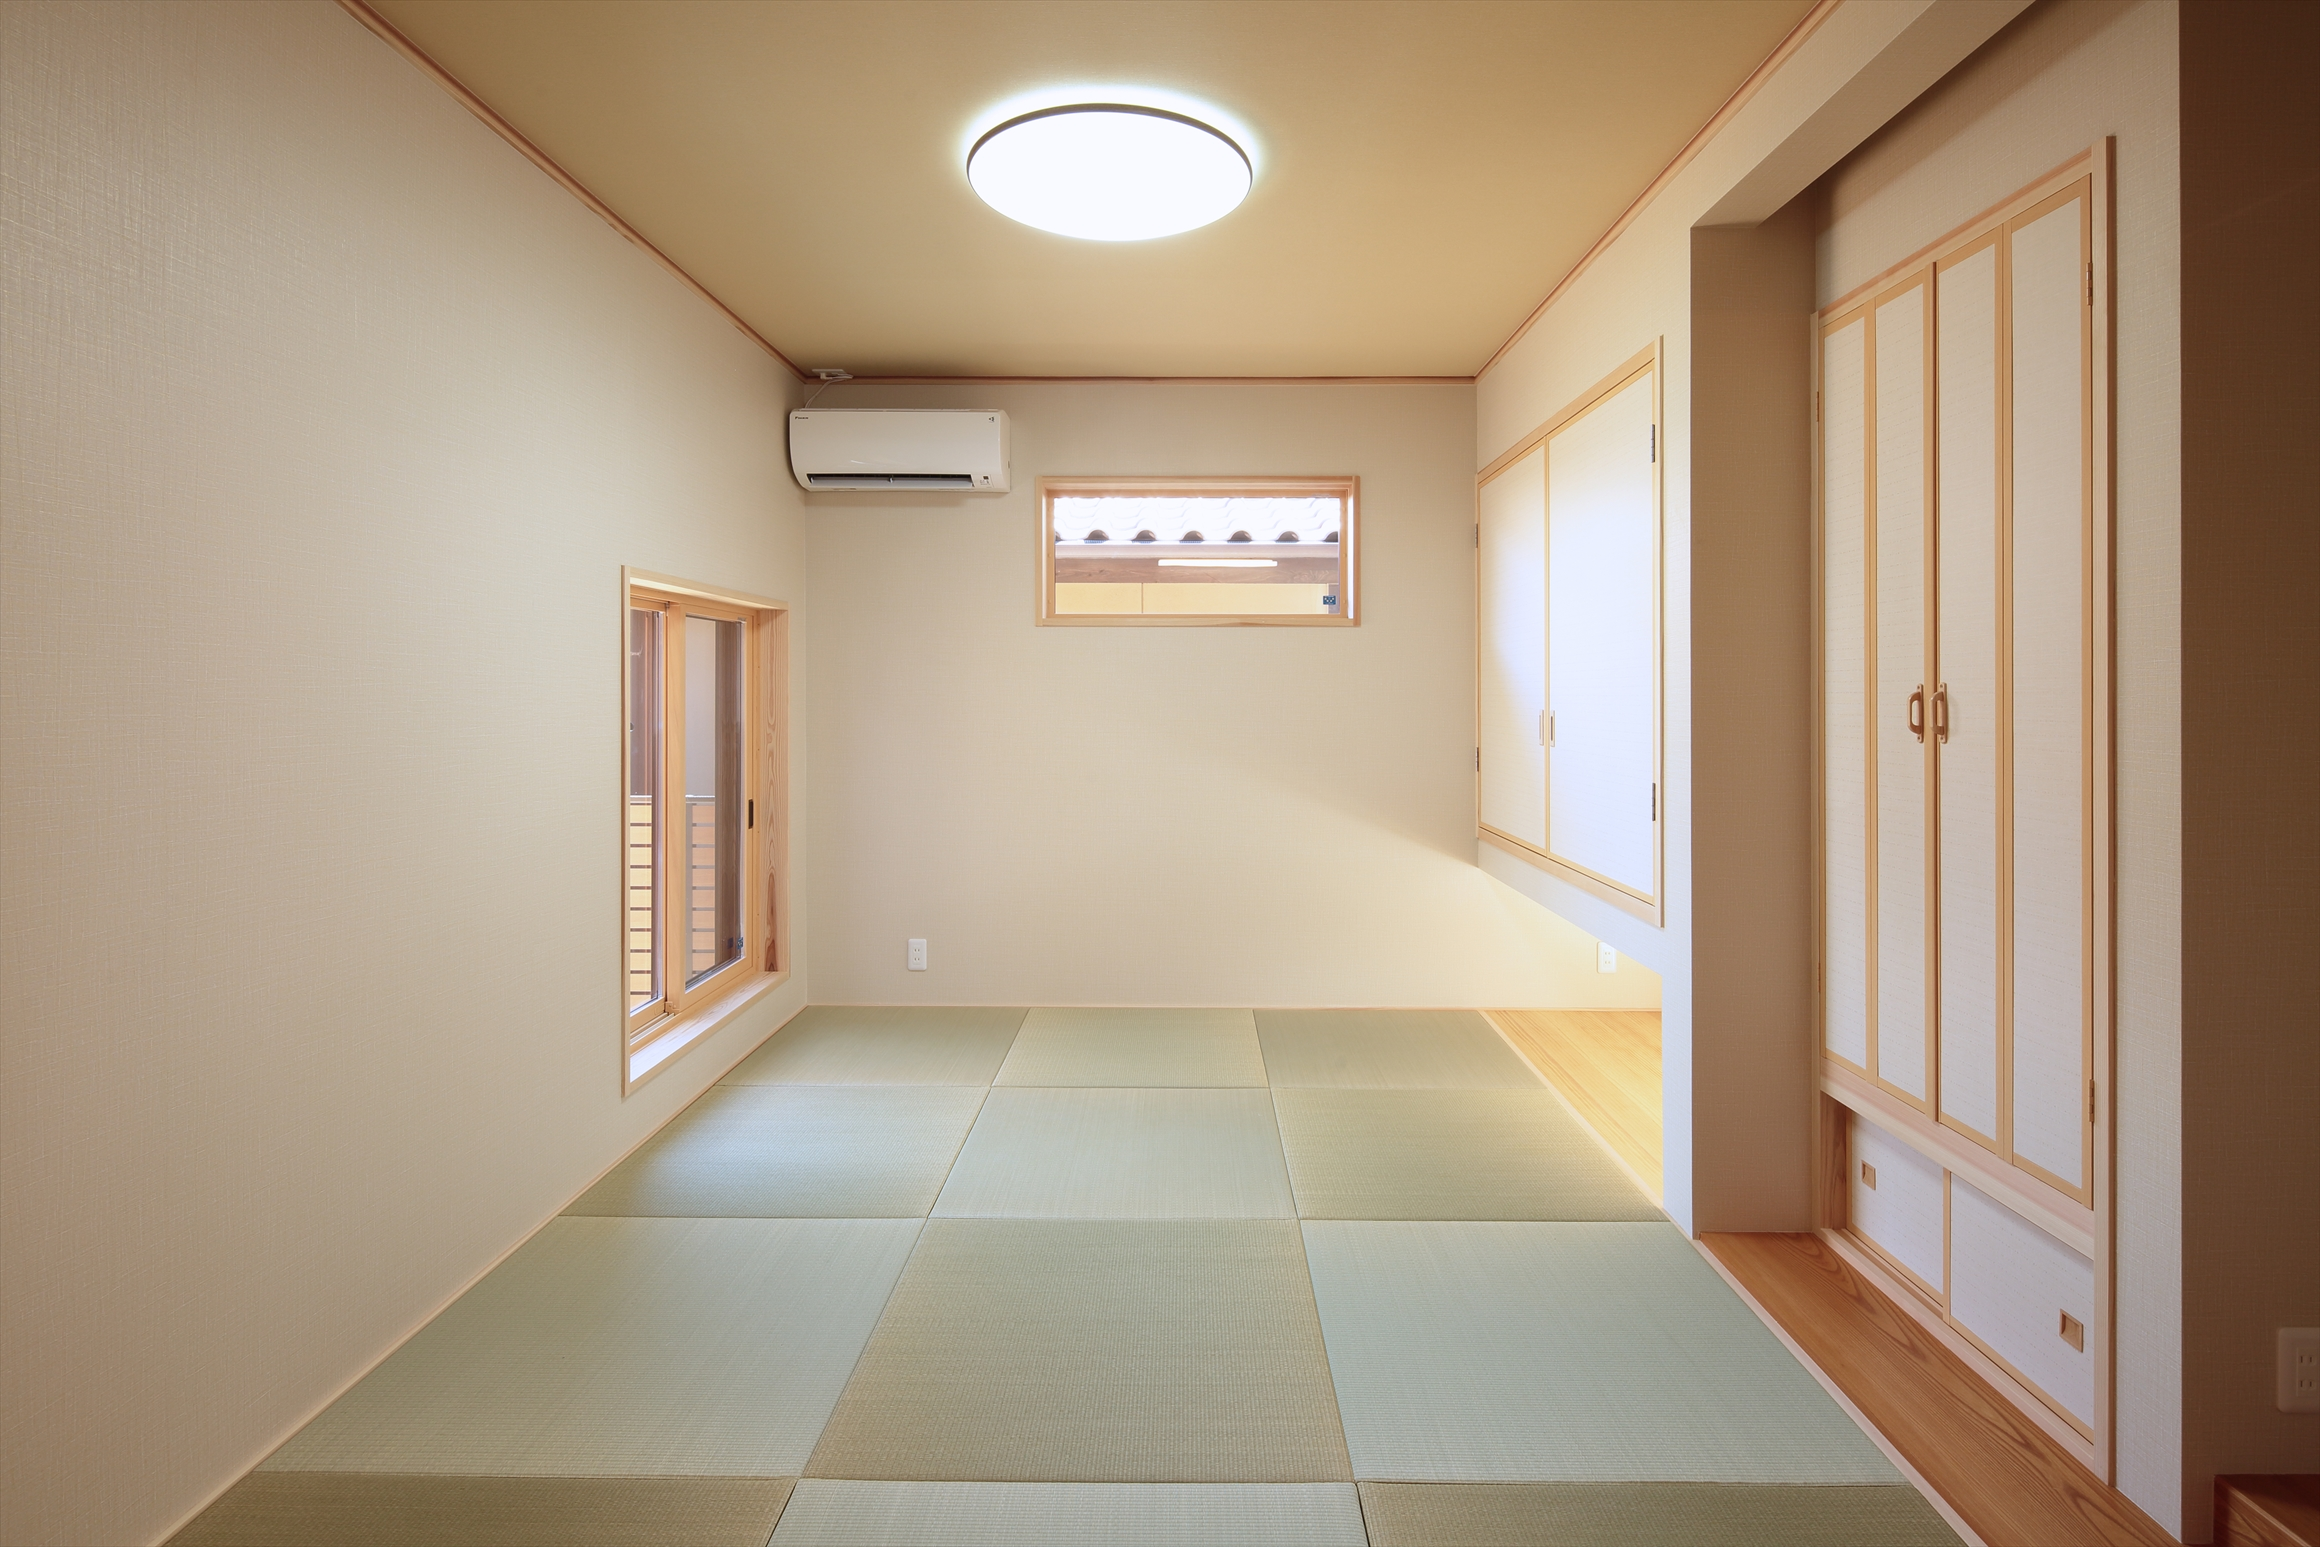 三友工務店の新築注文住宅 熊本市東区Y様邸